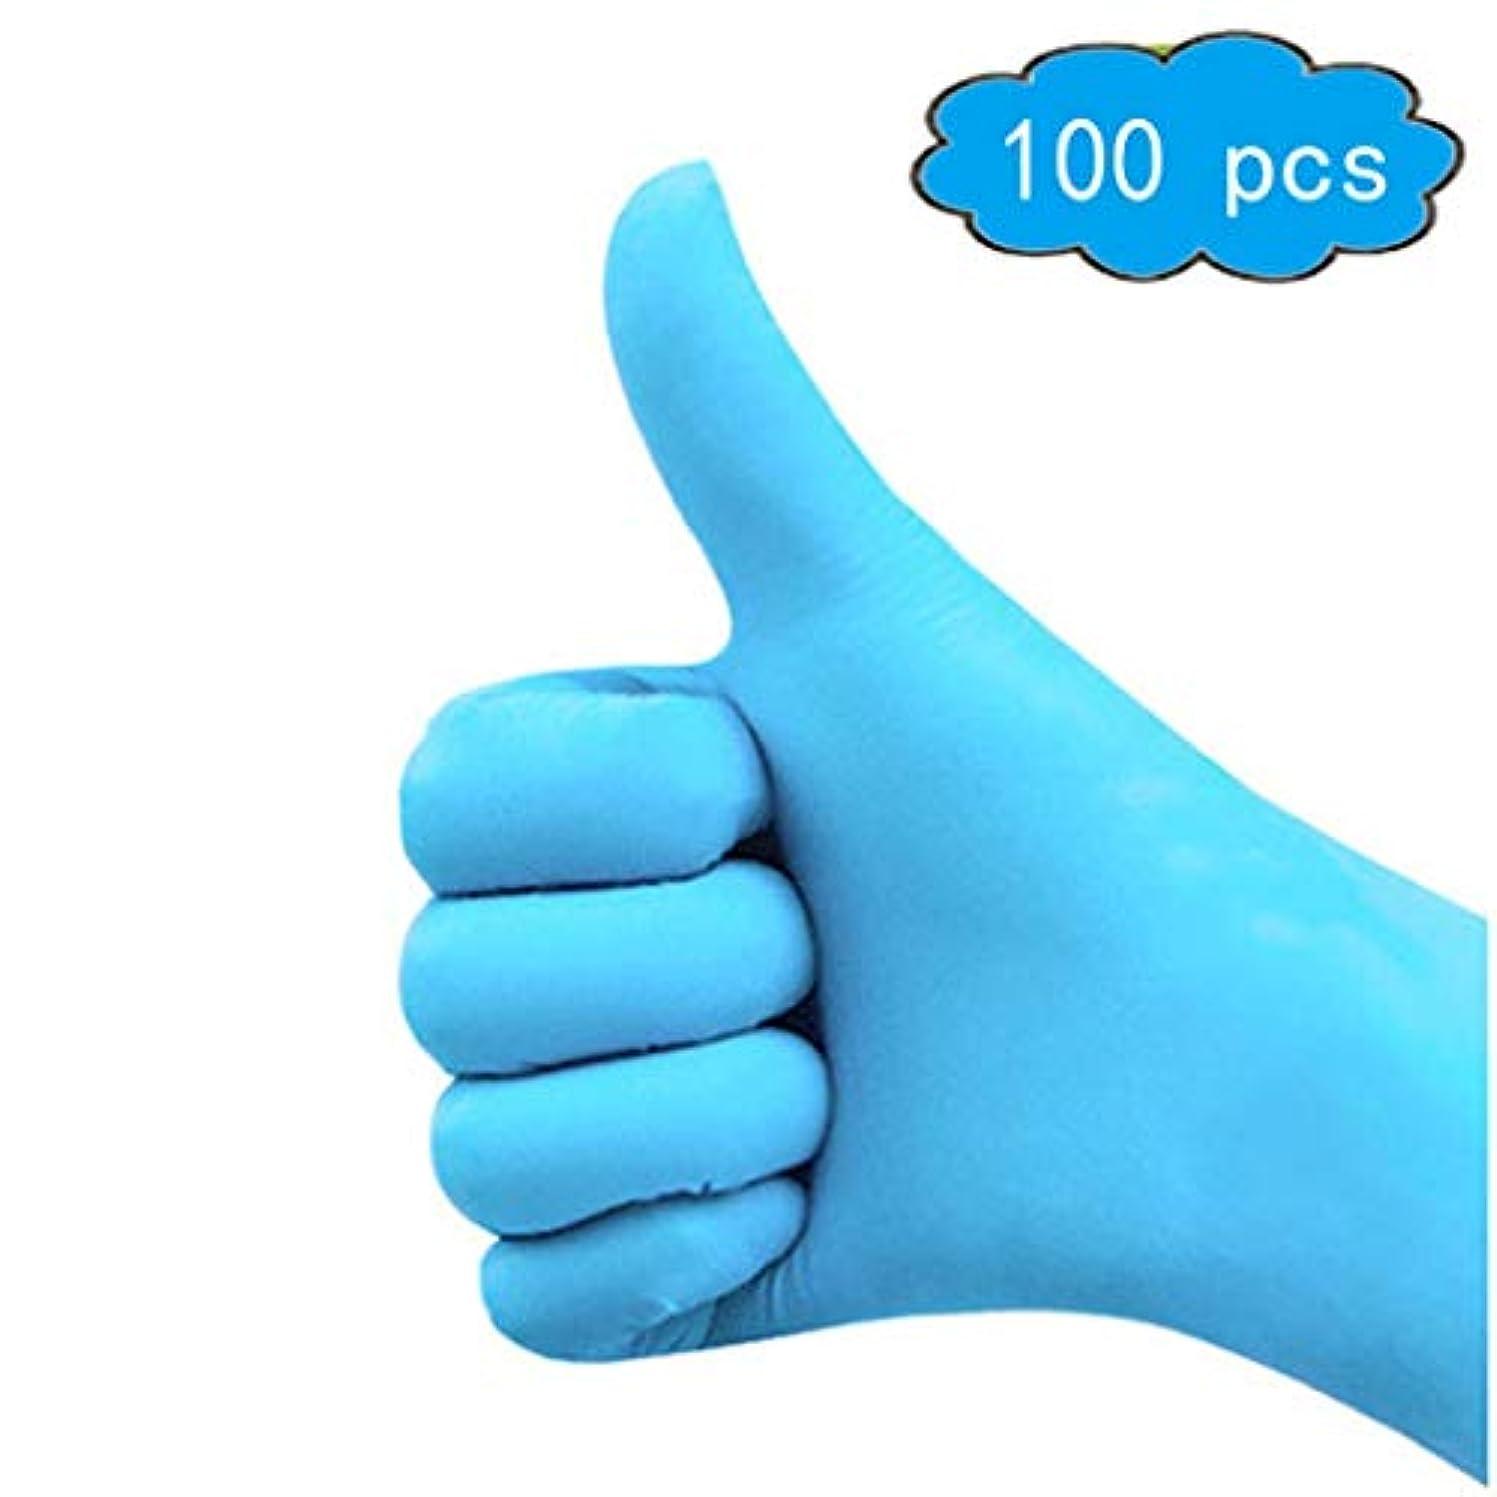 風景有限あそこ使い捨てニトリル手袋、パウダーなし、厚く、3 mil、青、サイズL、100個入り、サニタリー手袋、家庭用品 (Color : Blue, Size : L)